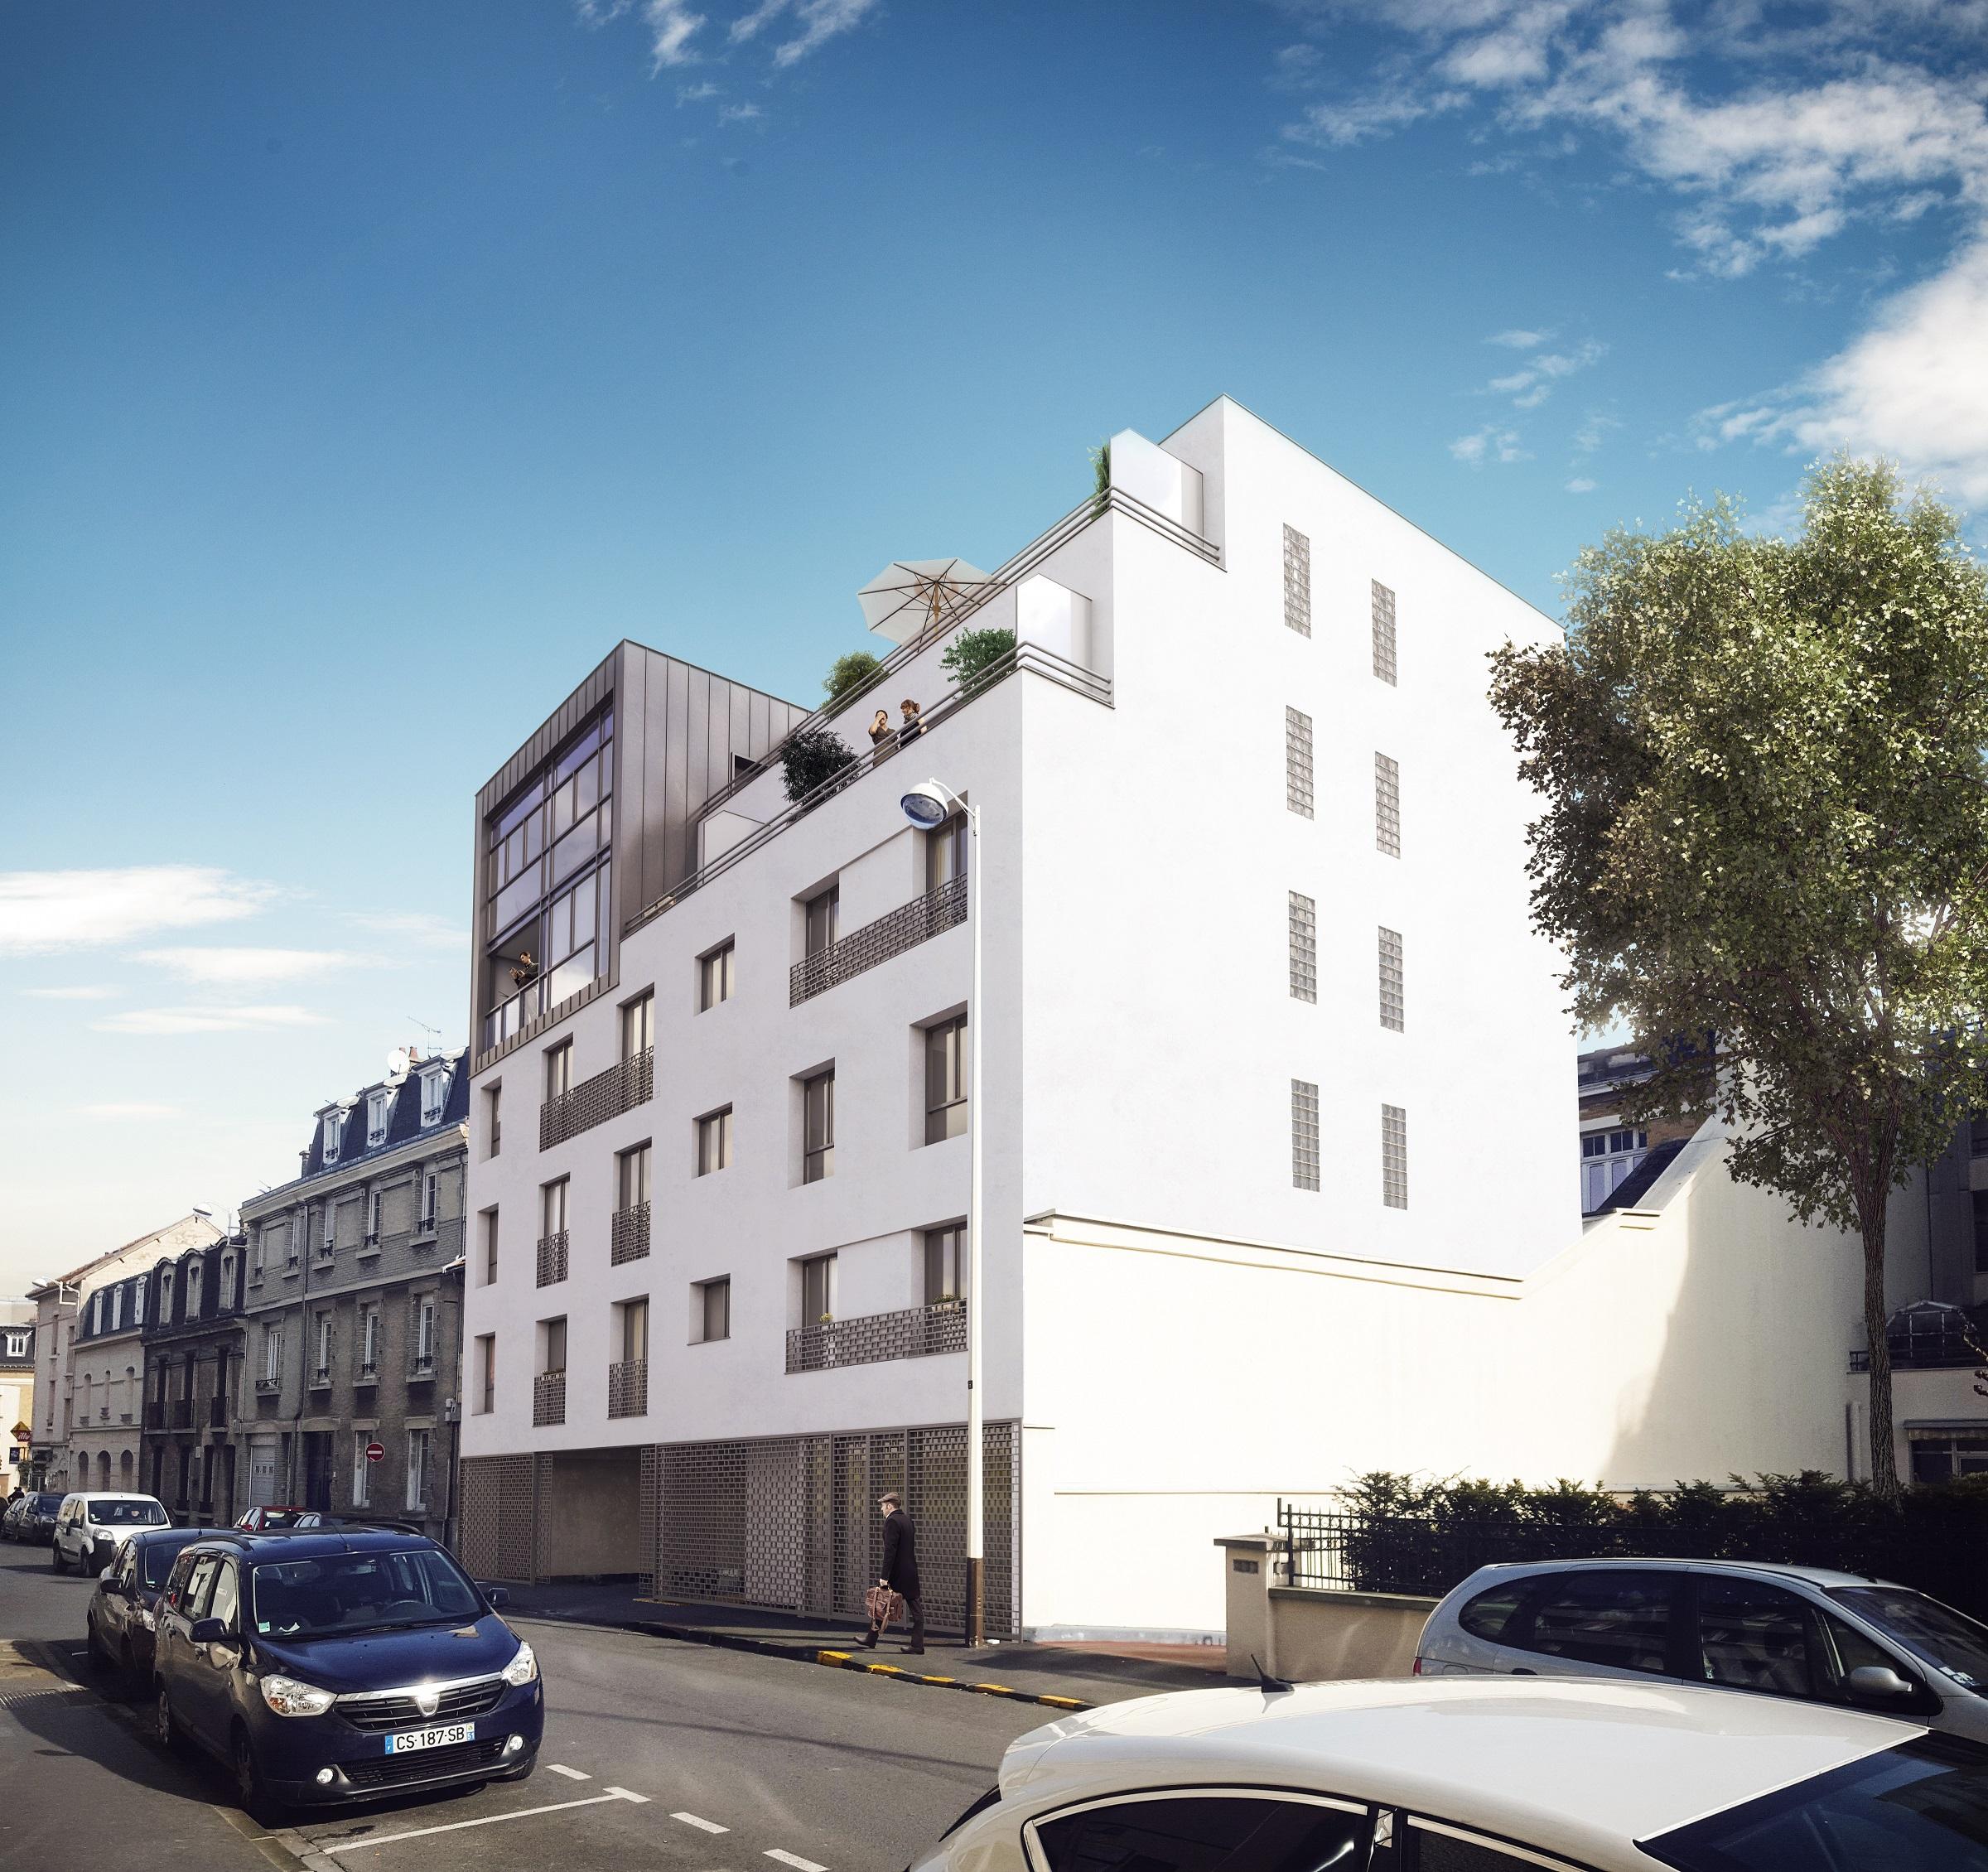 Résidence - Appartement - Paix Ponsardin